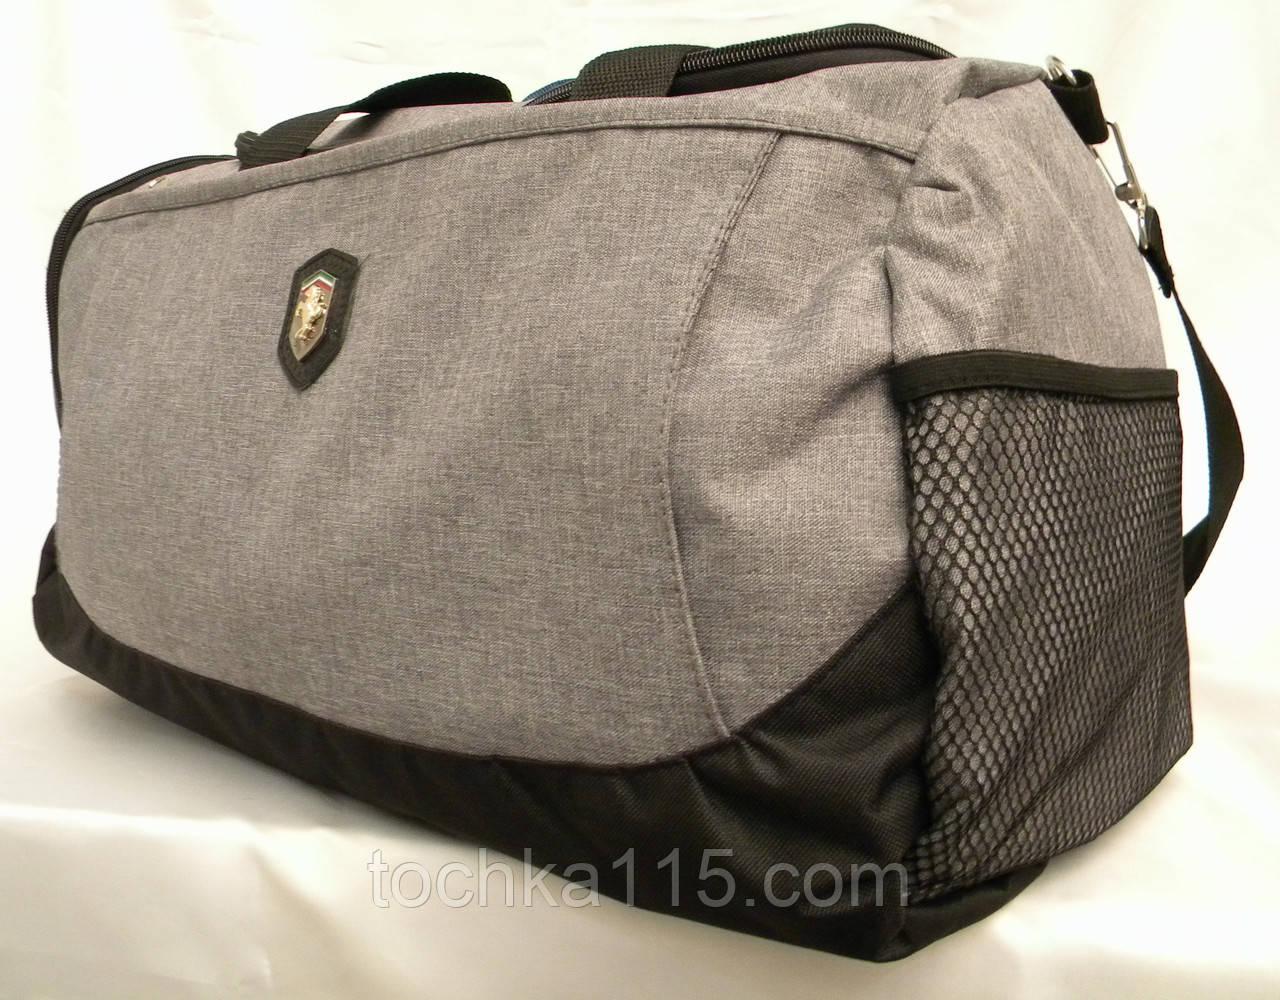 035282790c1a Спортивная сумка, стильная мужская сумка, женская сумка для тренировок -  Точка 115 в Николаевской